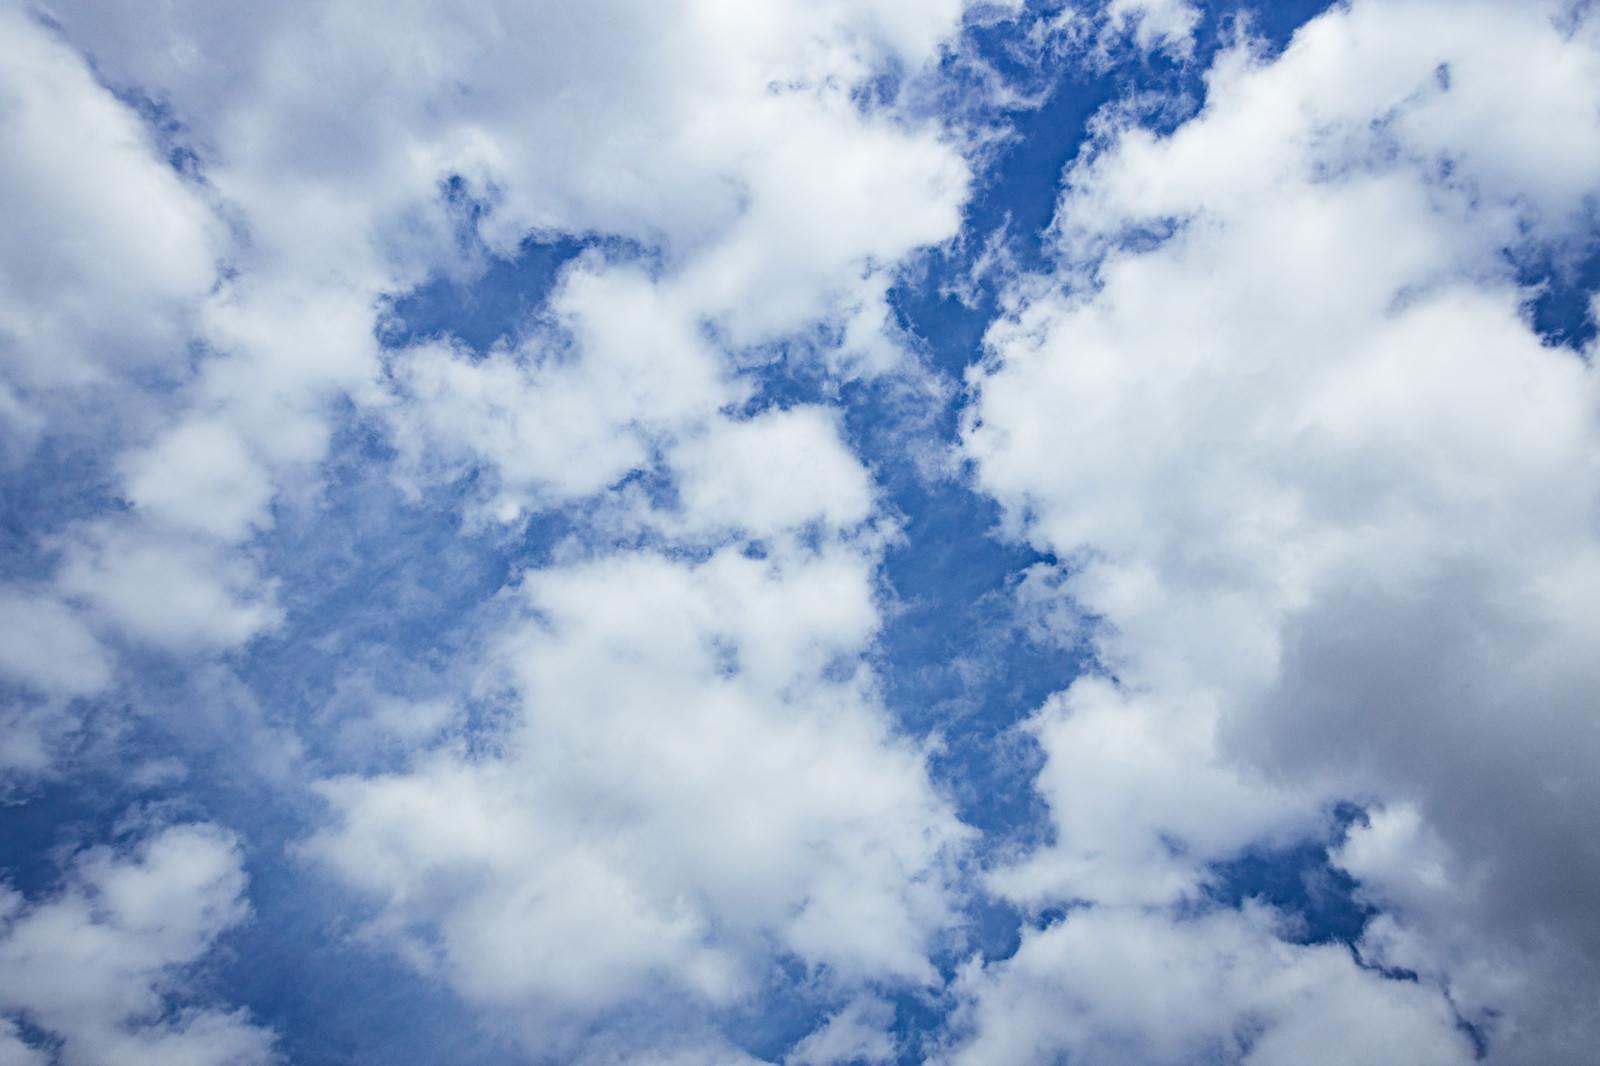 「フワフワの積雲」の写真